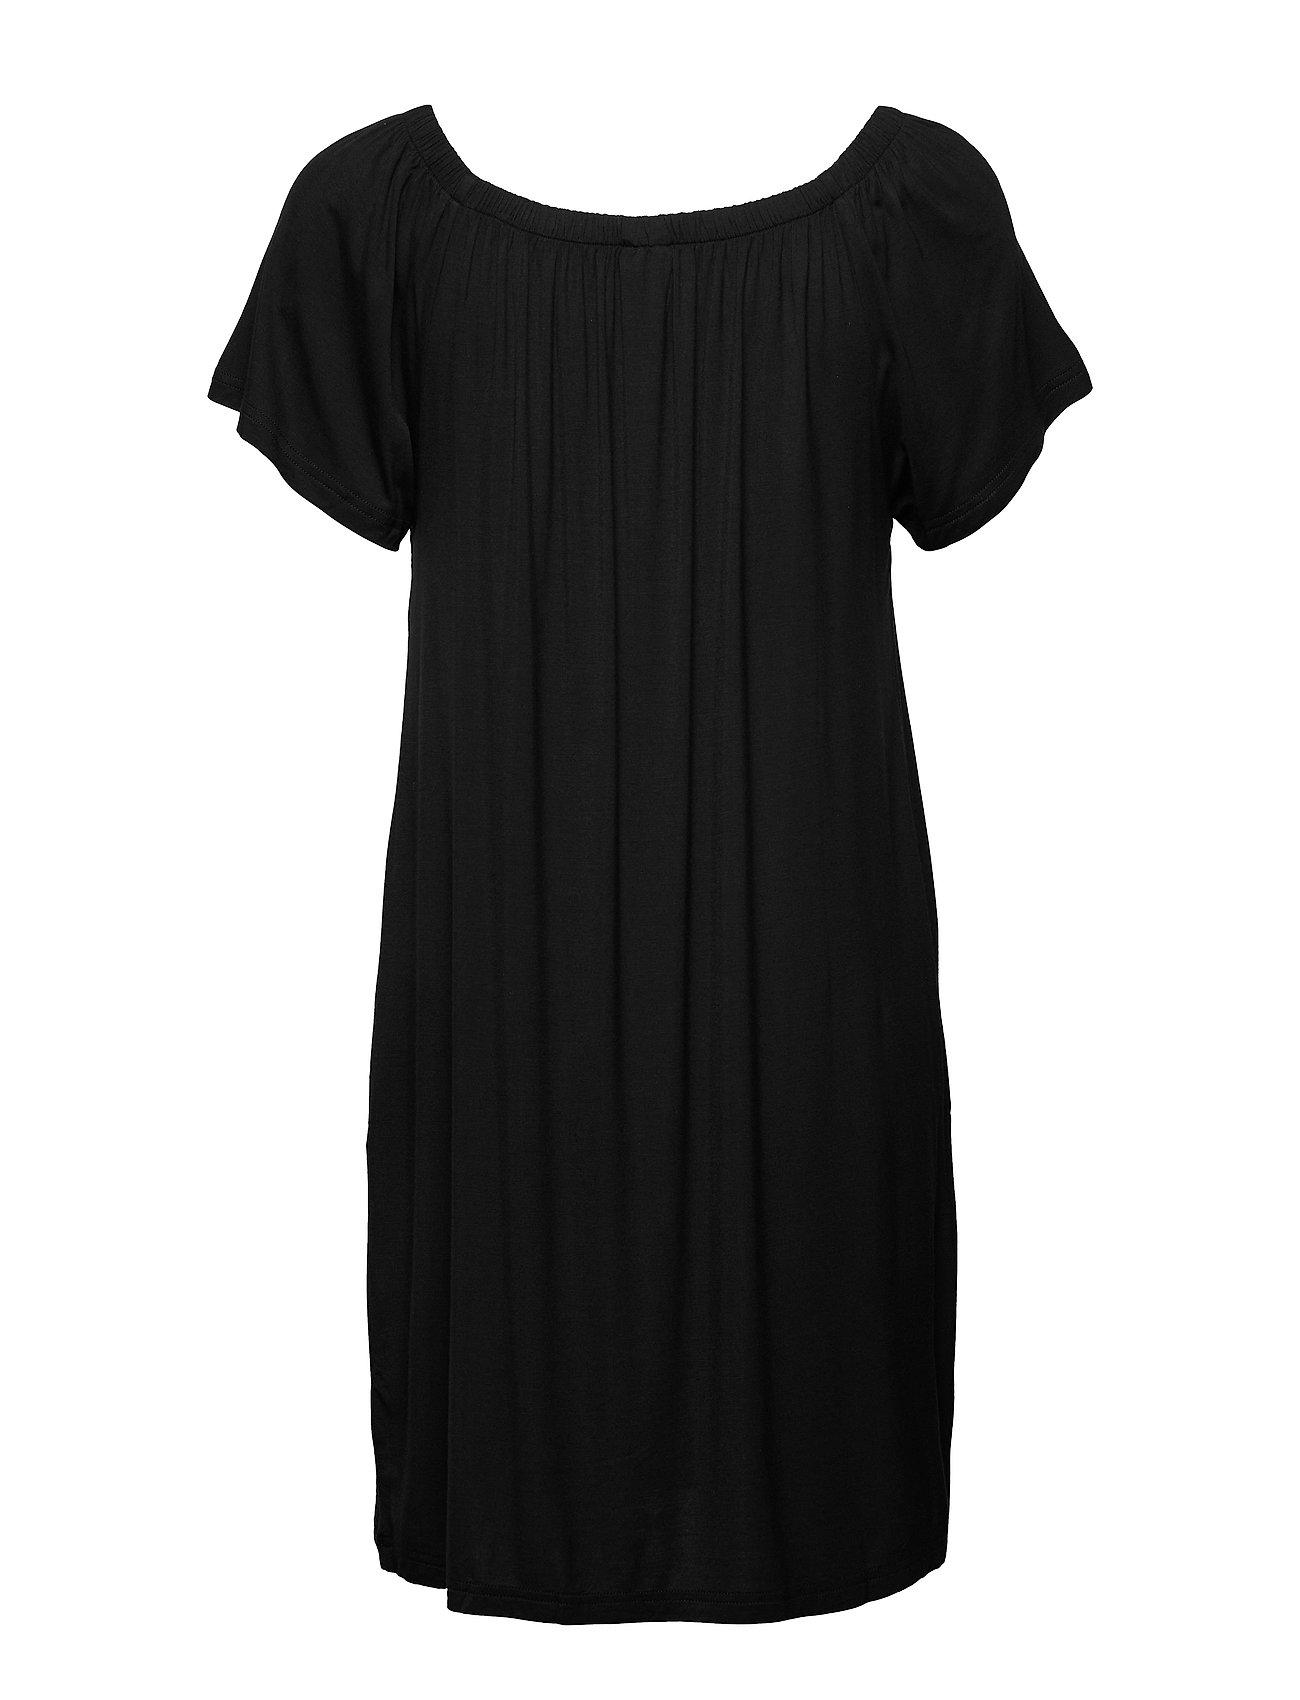 Wiki Bamboo Beach Dress - Badkläder